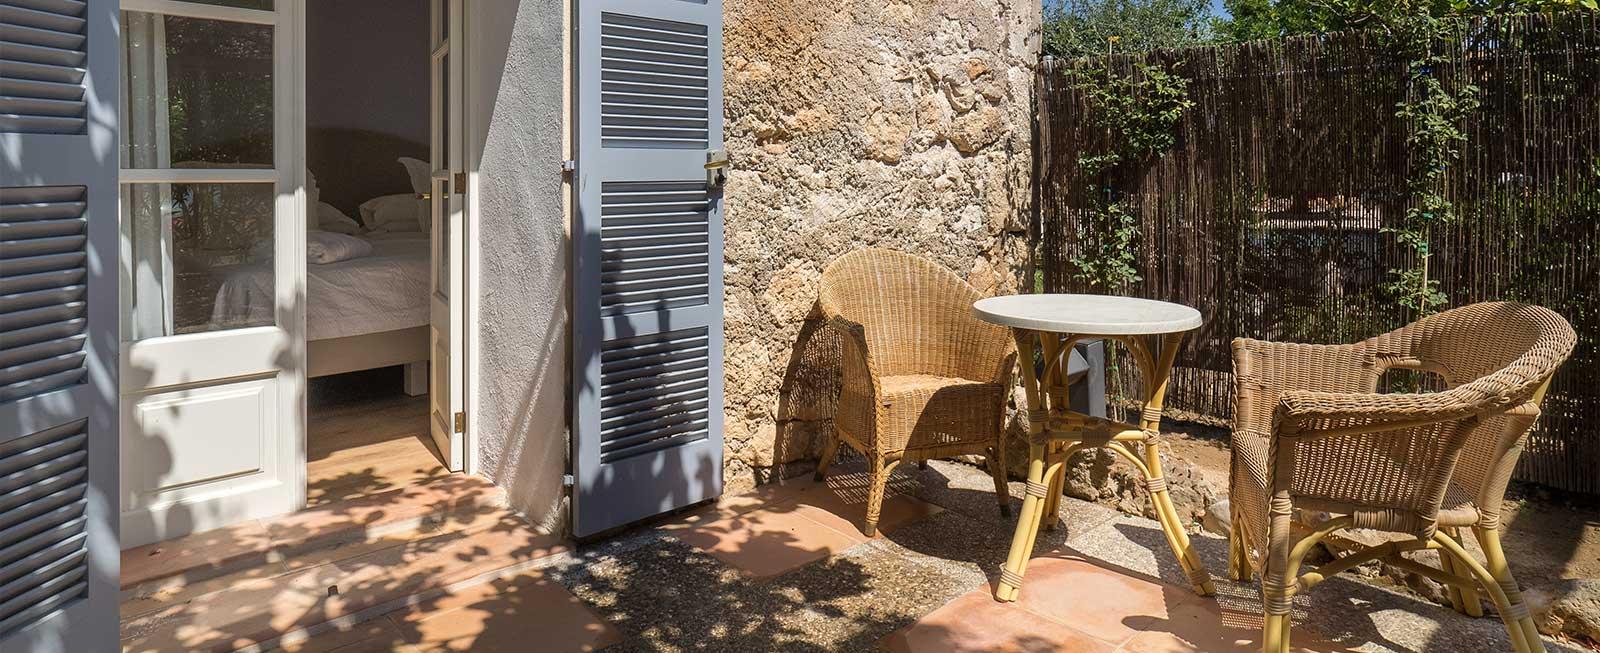 Residencia Restaurante Son Floriana Cala Bona, Mallorca